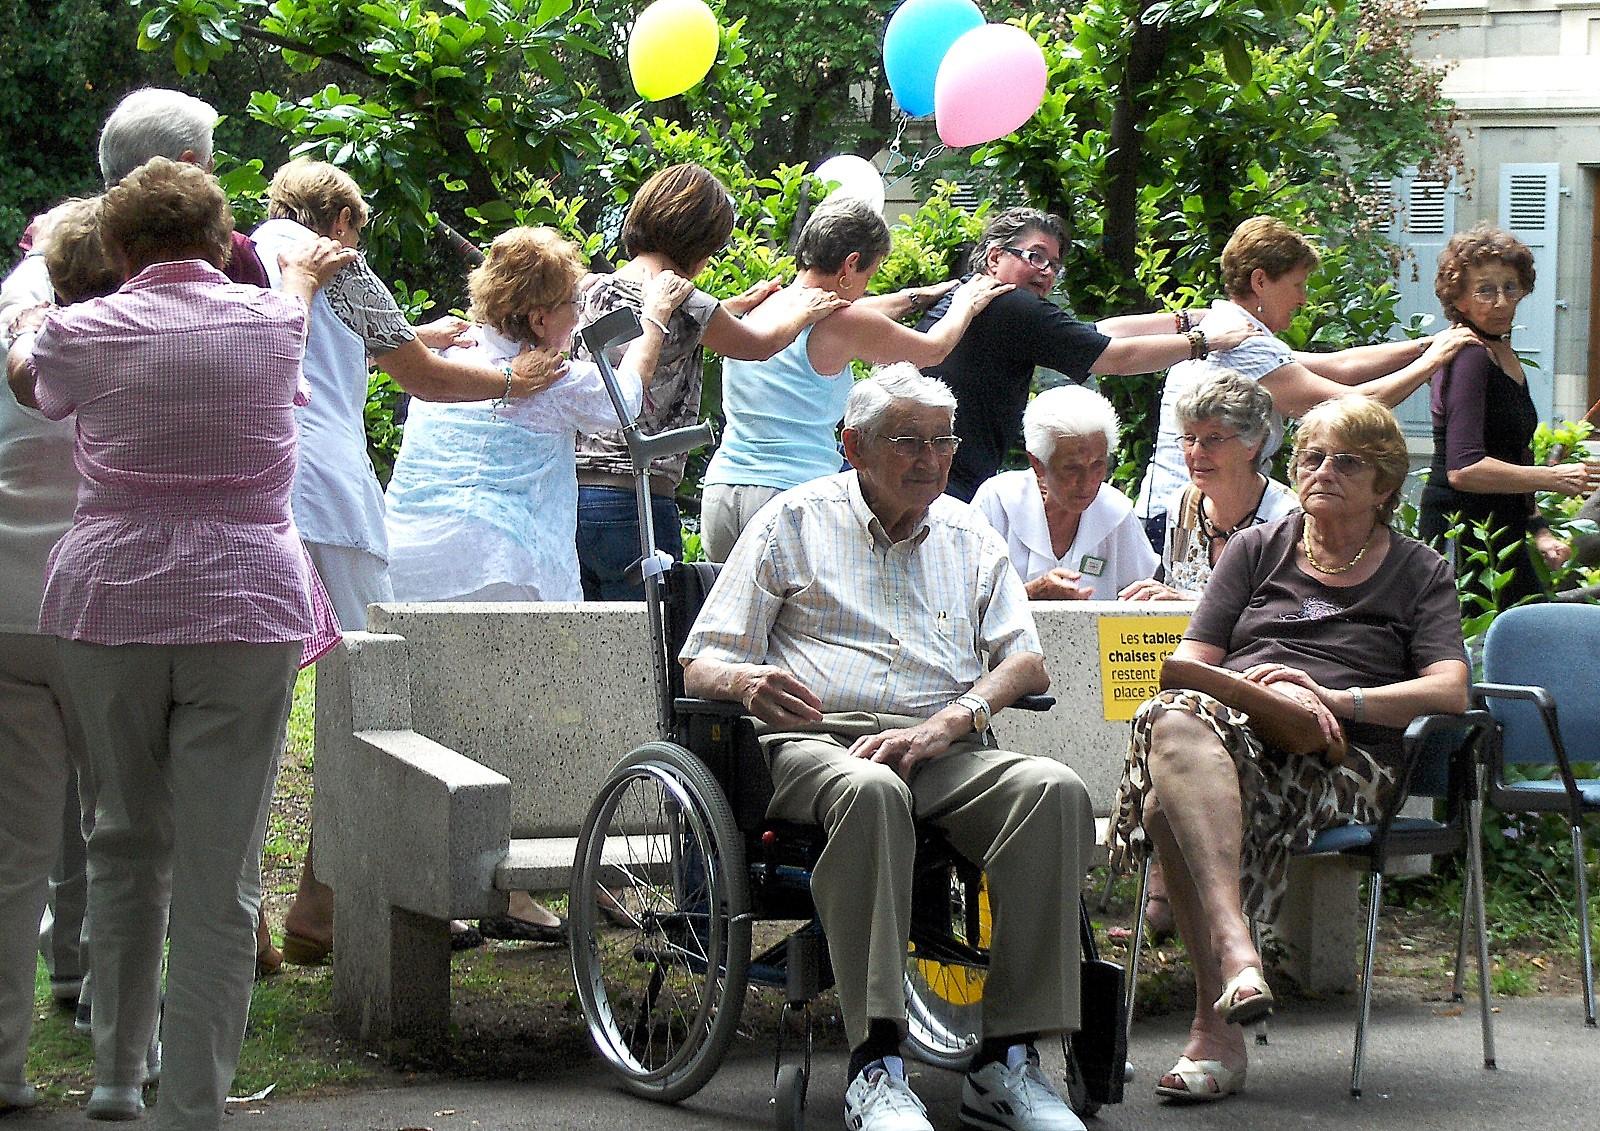 Les bénévoles entraînent les patients dans une farandole lors de la Fête de la Musique à l'hôpital